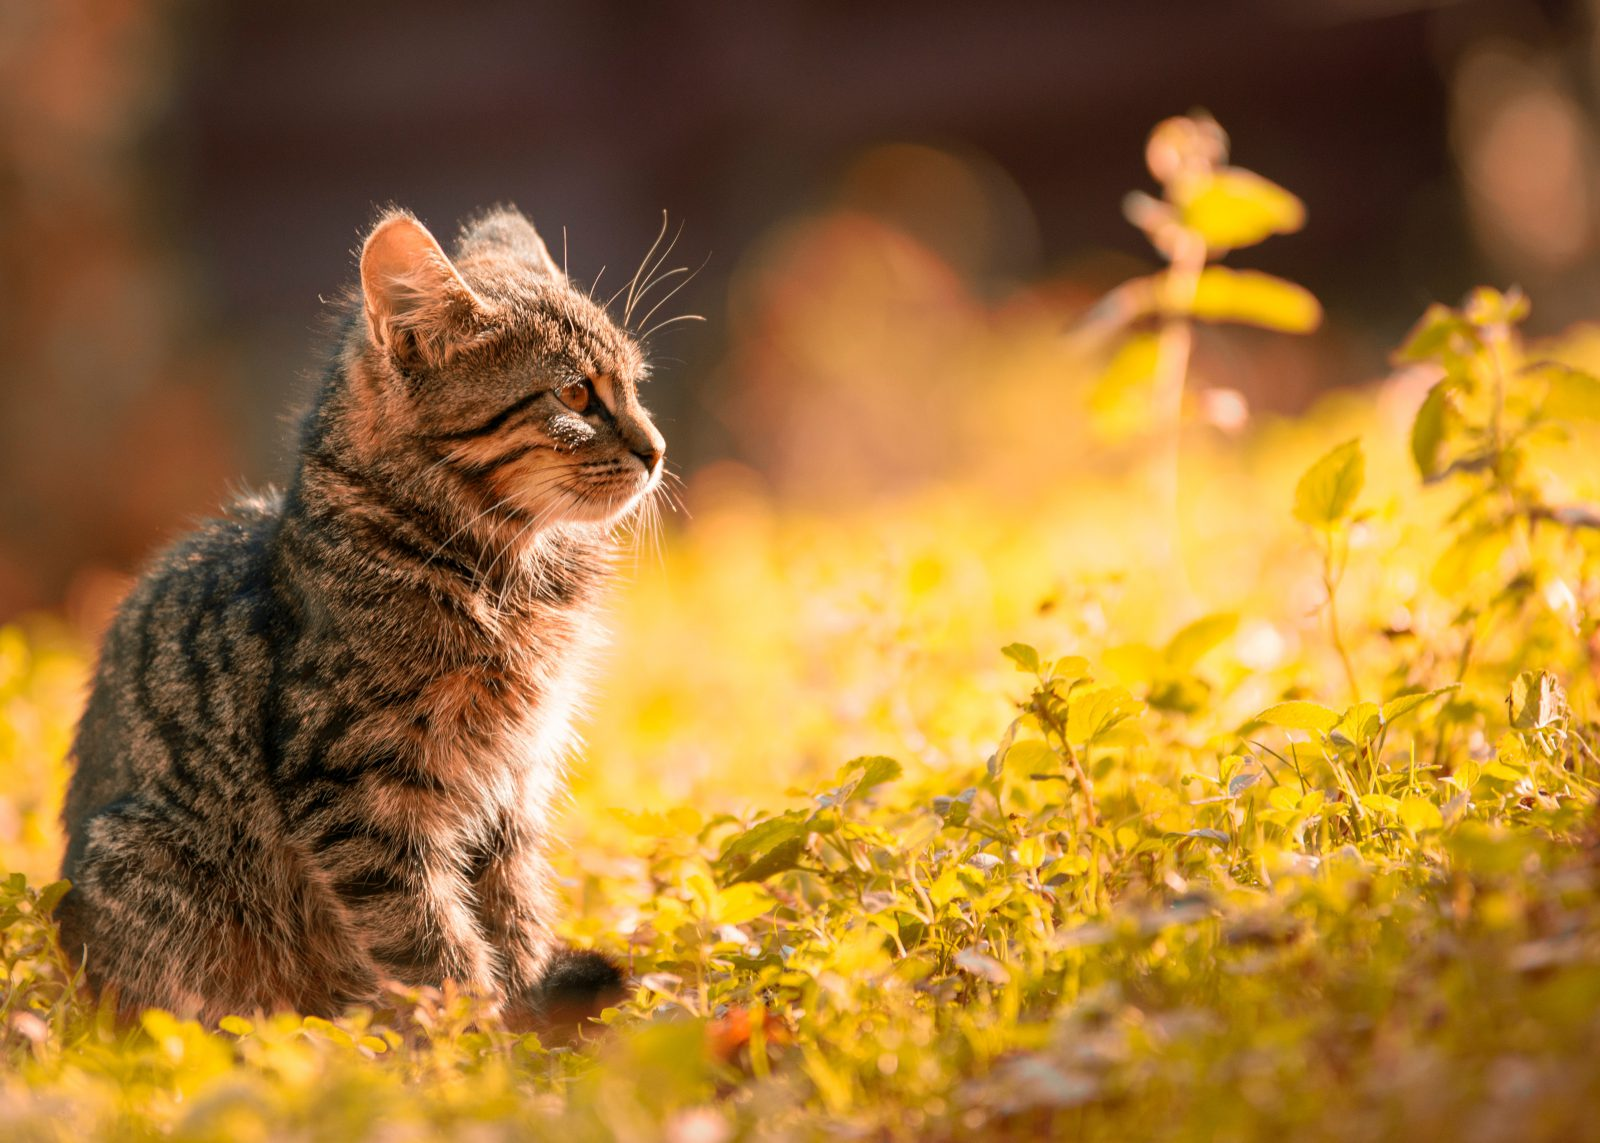 O filhote de gato exige cuidados e manutenção, embora mínima comparada ao cachorro.